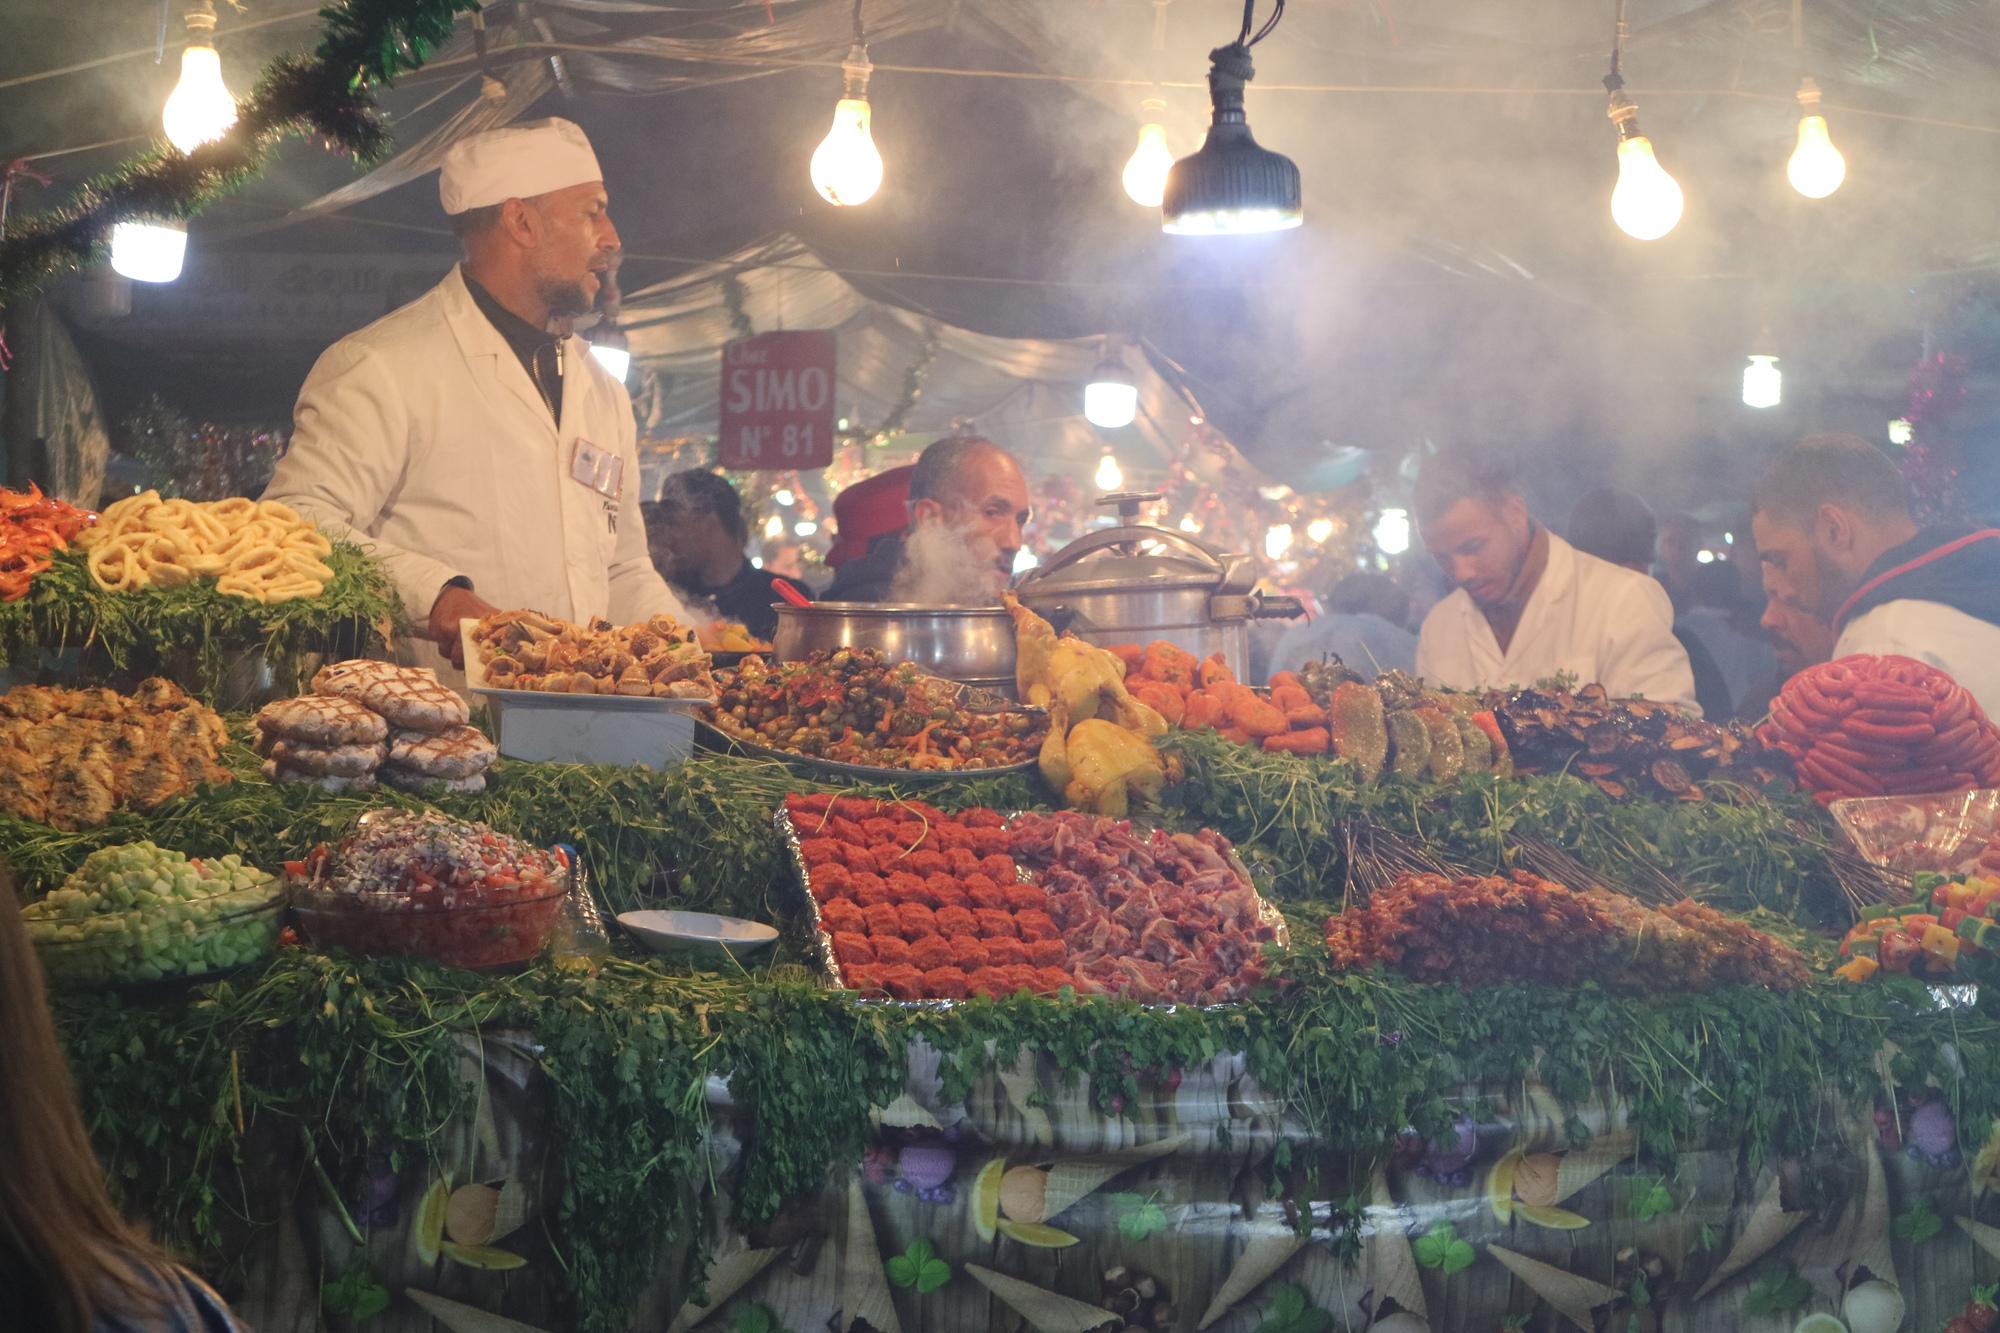 Wandeling door de medina van Marrakech met Nederlands- of Engelstalige gids